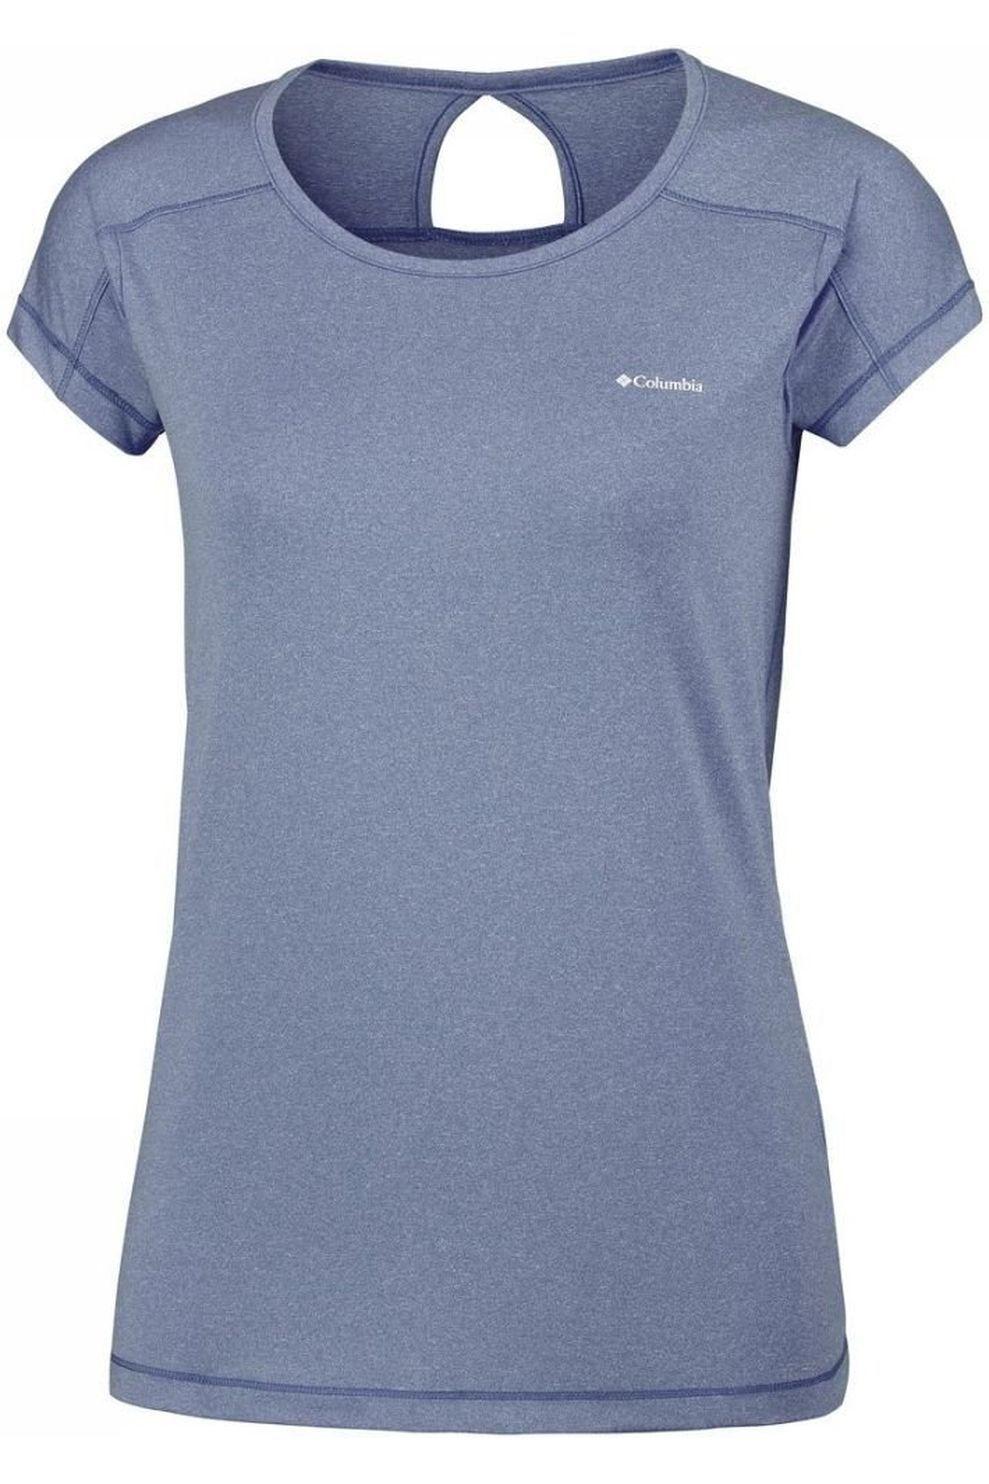 Columbia T-Shirt Peak To Point Sleeve voor dames - Blauw - Maat: M